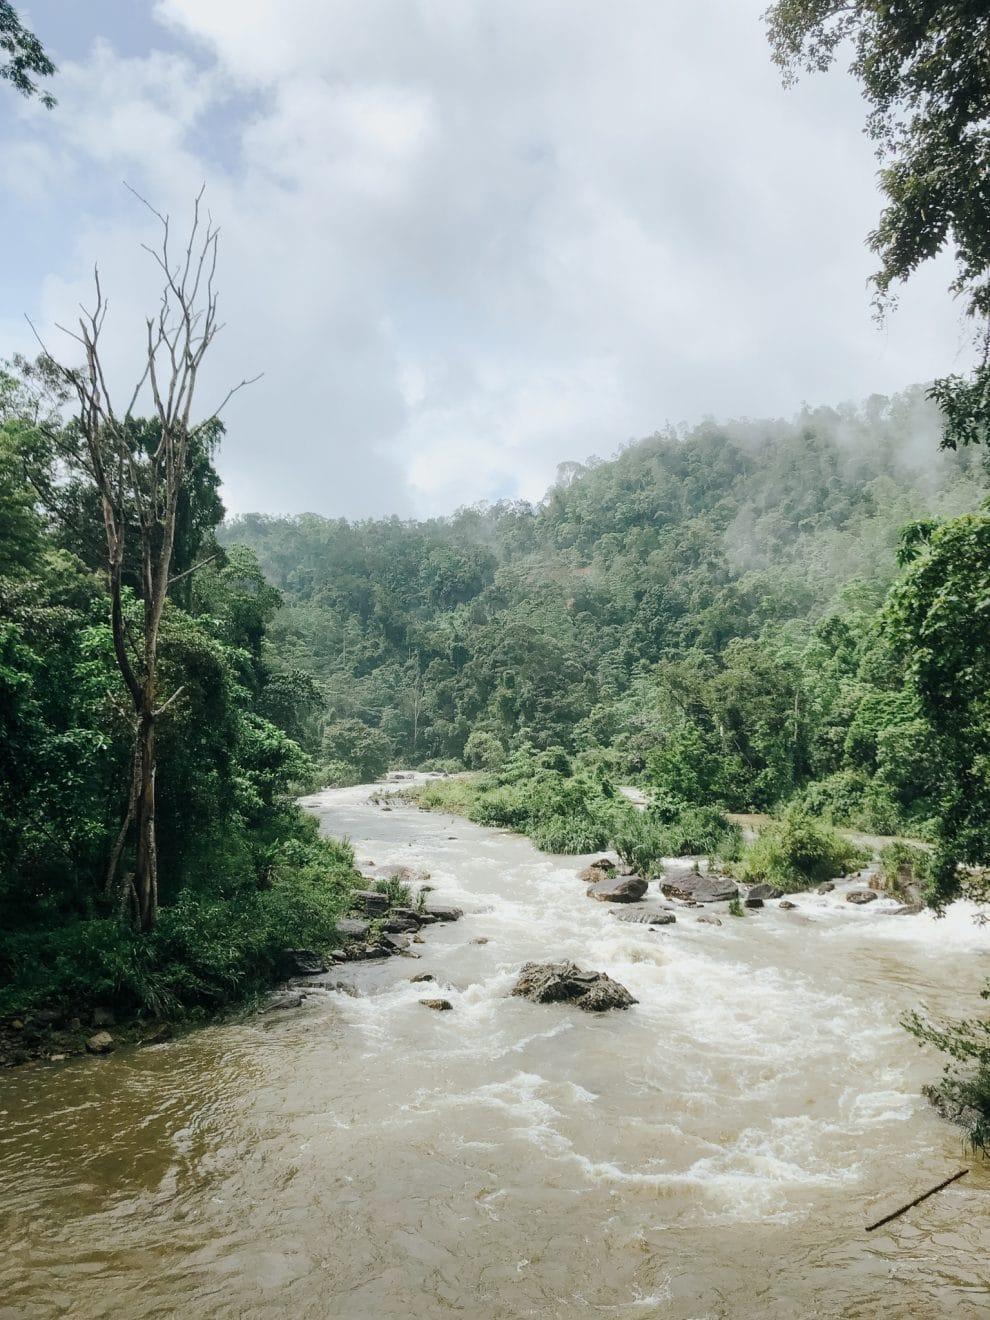 Sinharaja Forest regenwoud Sri Lanka